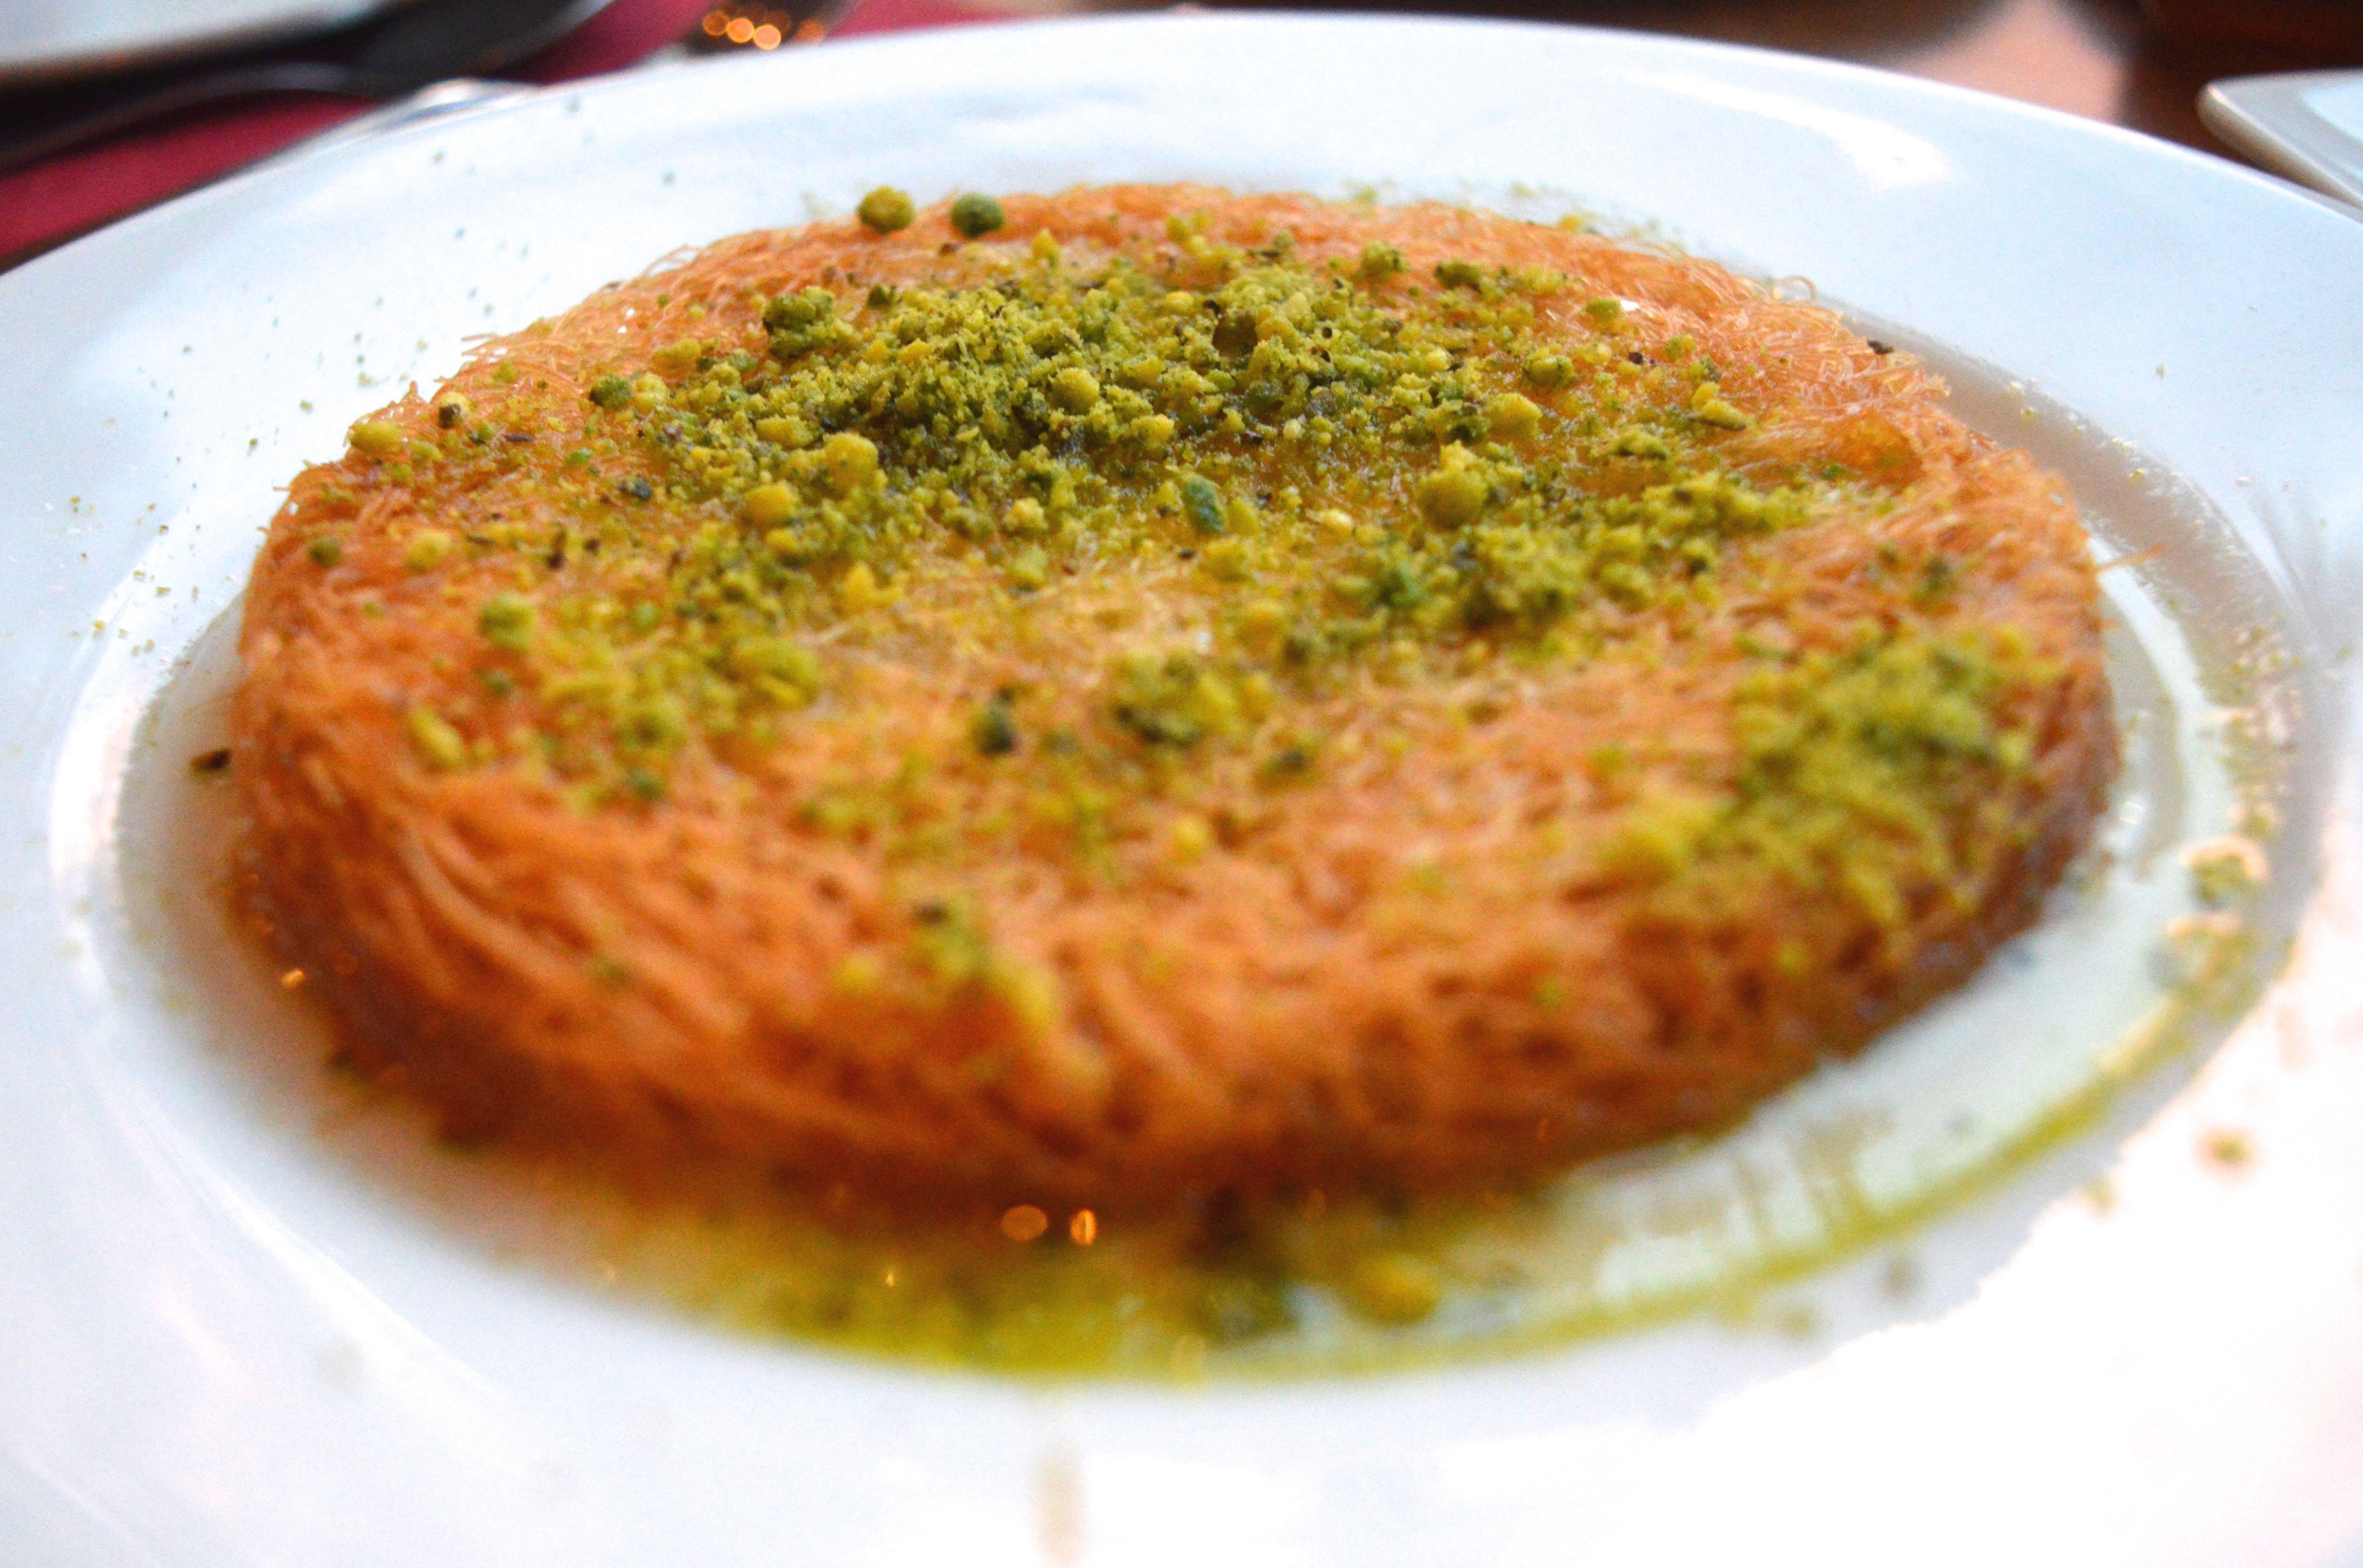 Ali ocakbasi amsterdam for Turkse restaurant amsterdam west